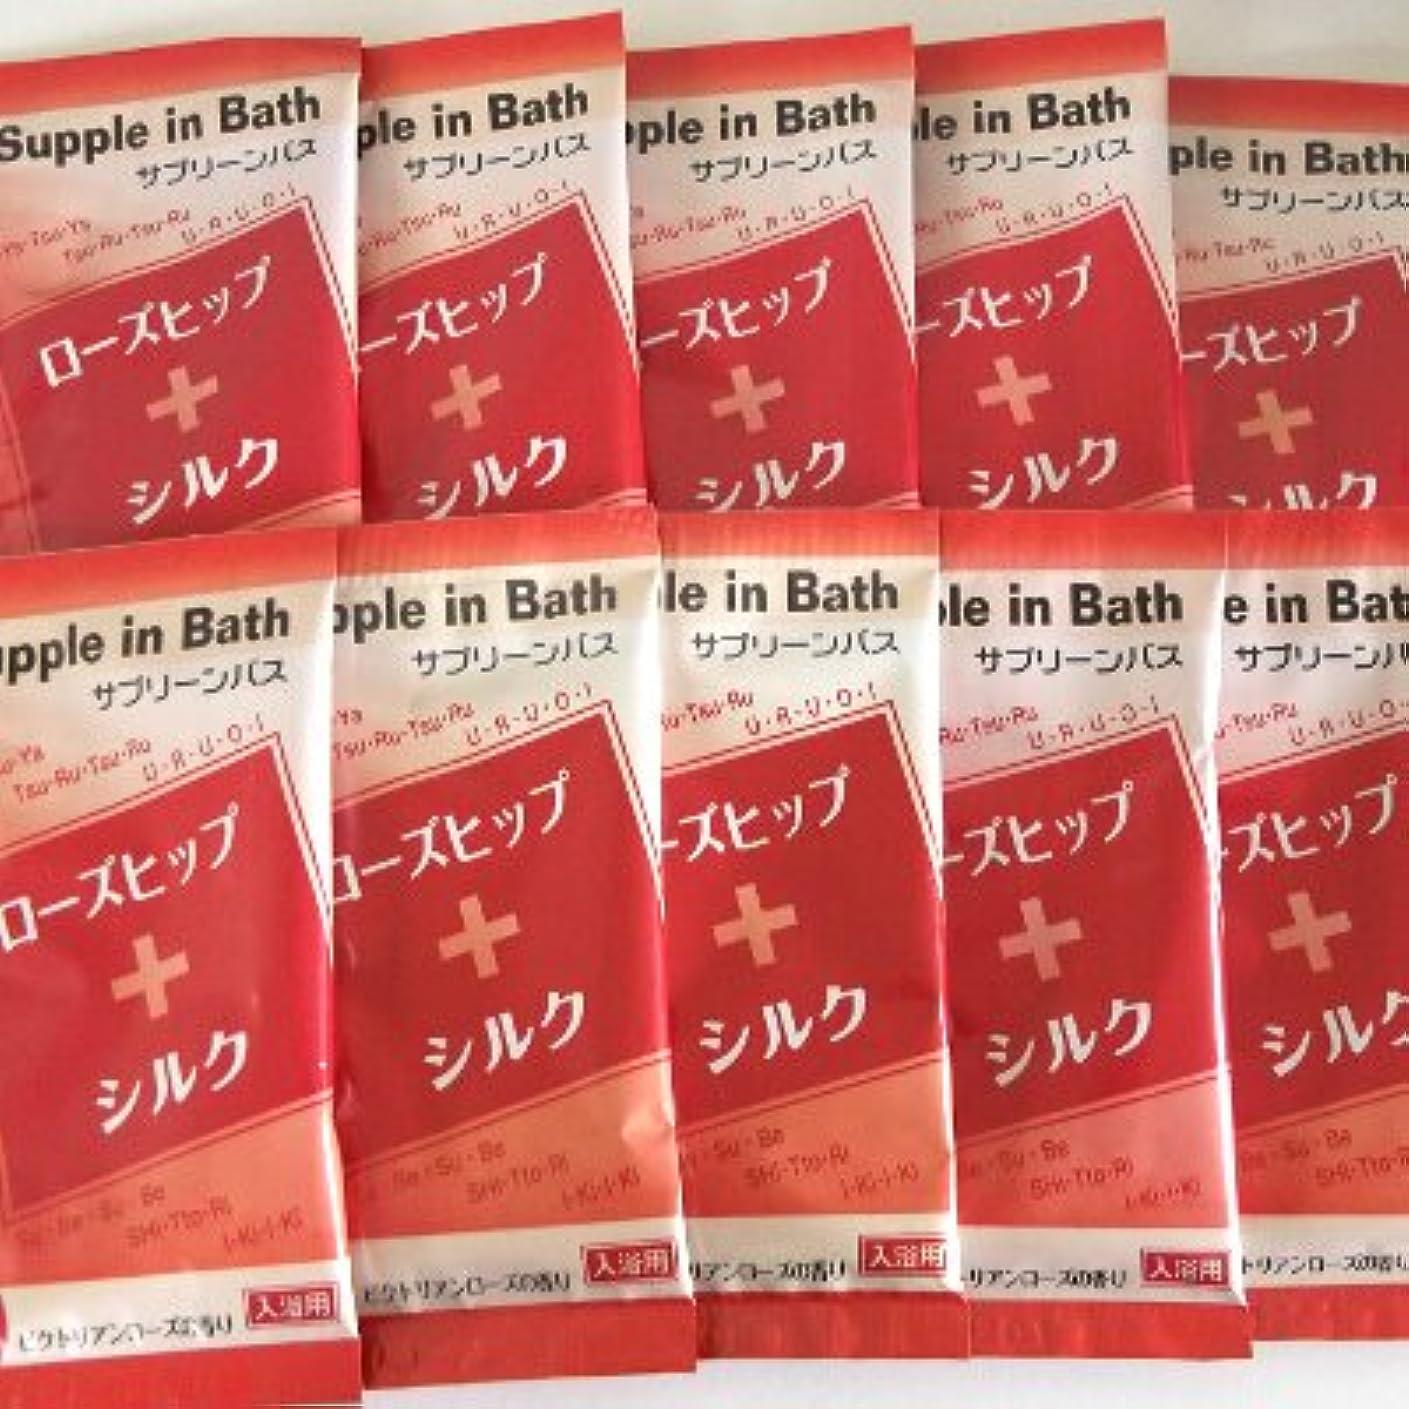 サプリーンバス ローズヒップ+シルク 10包セット